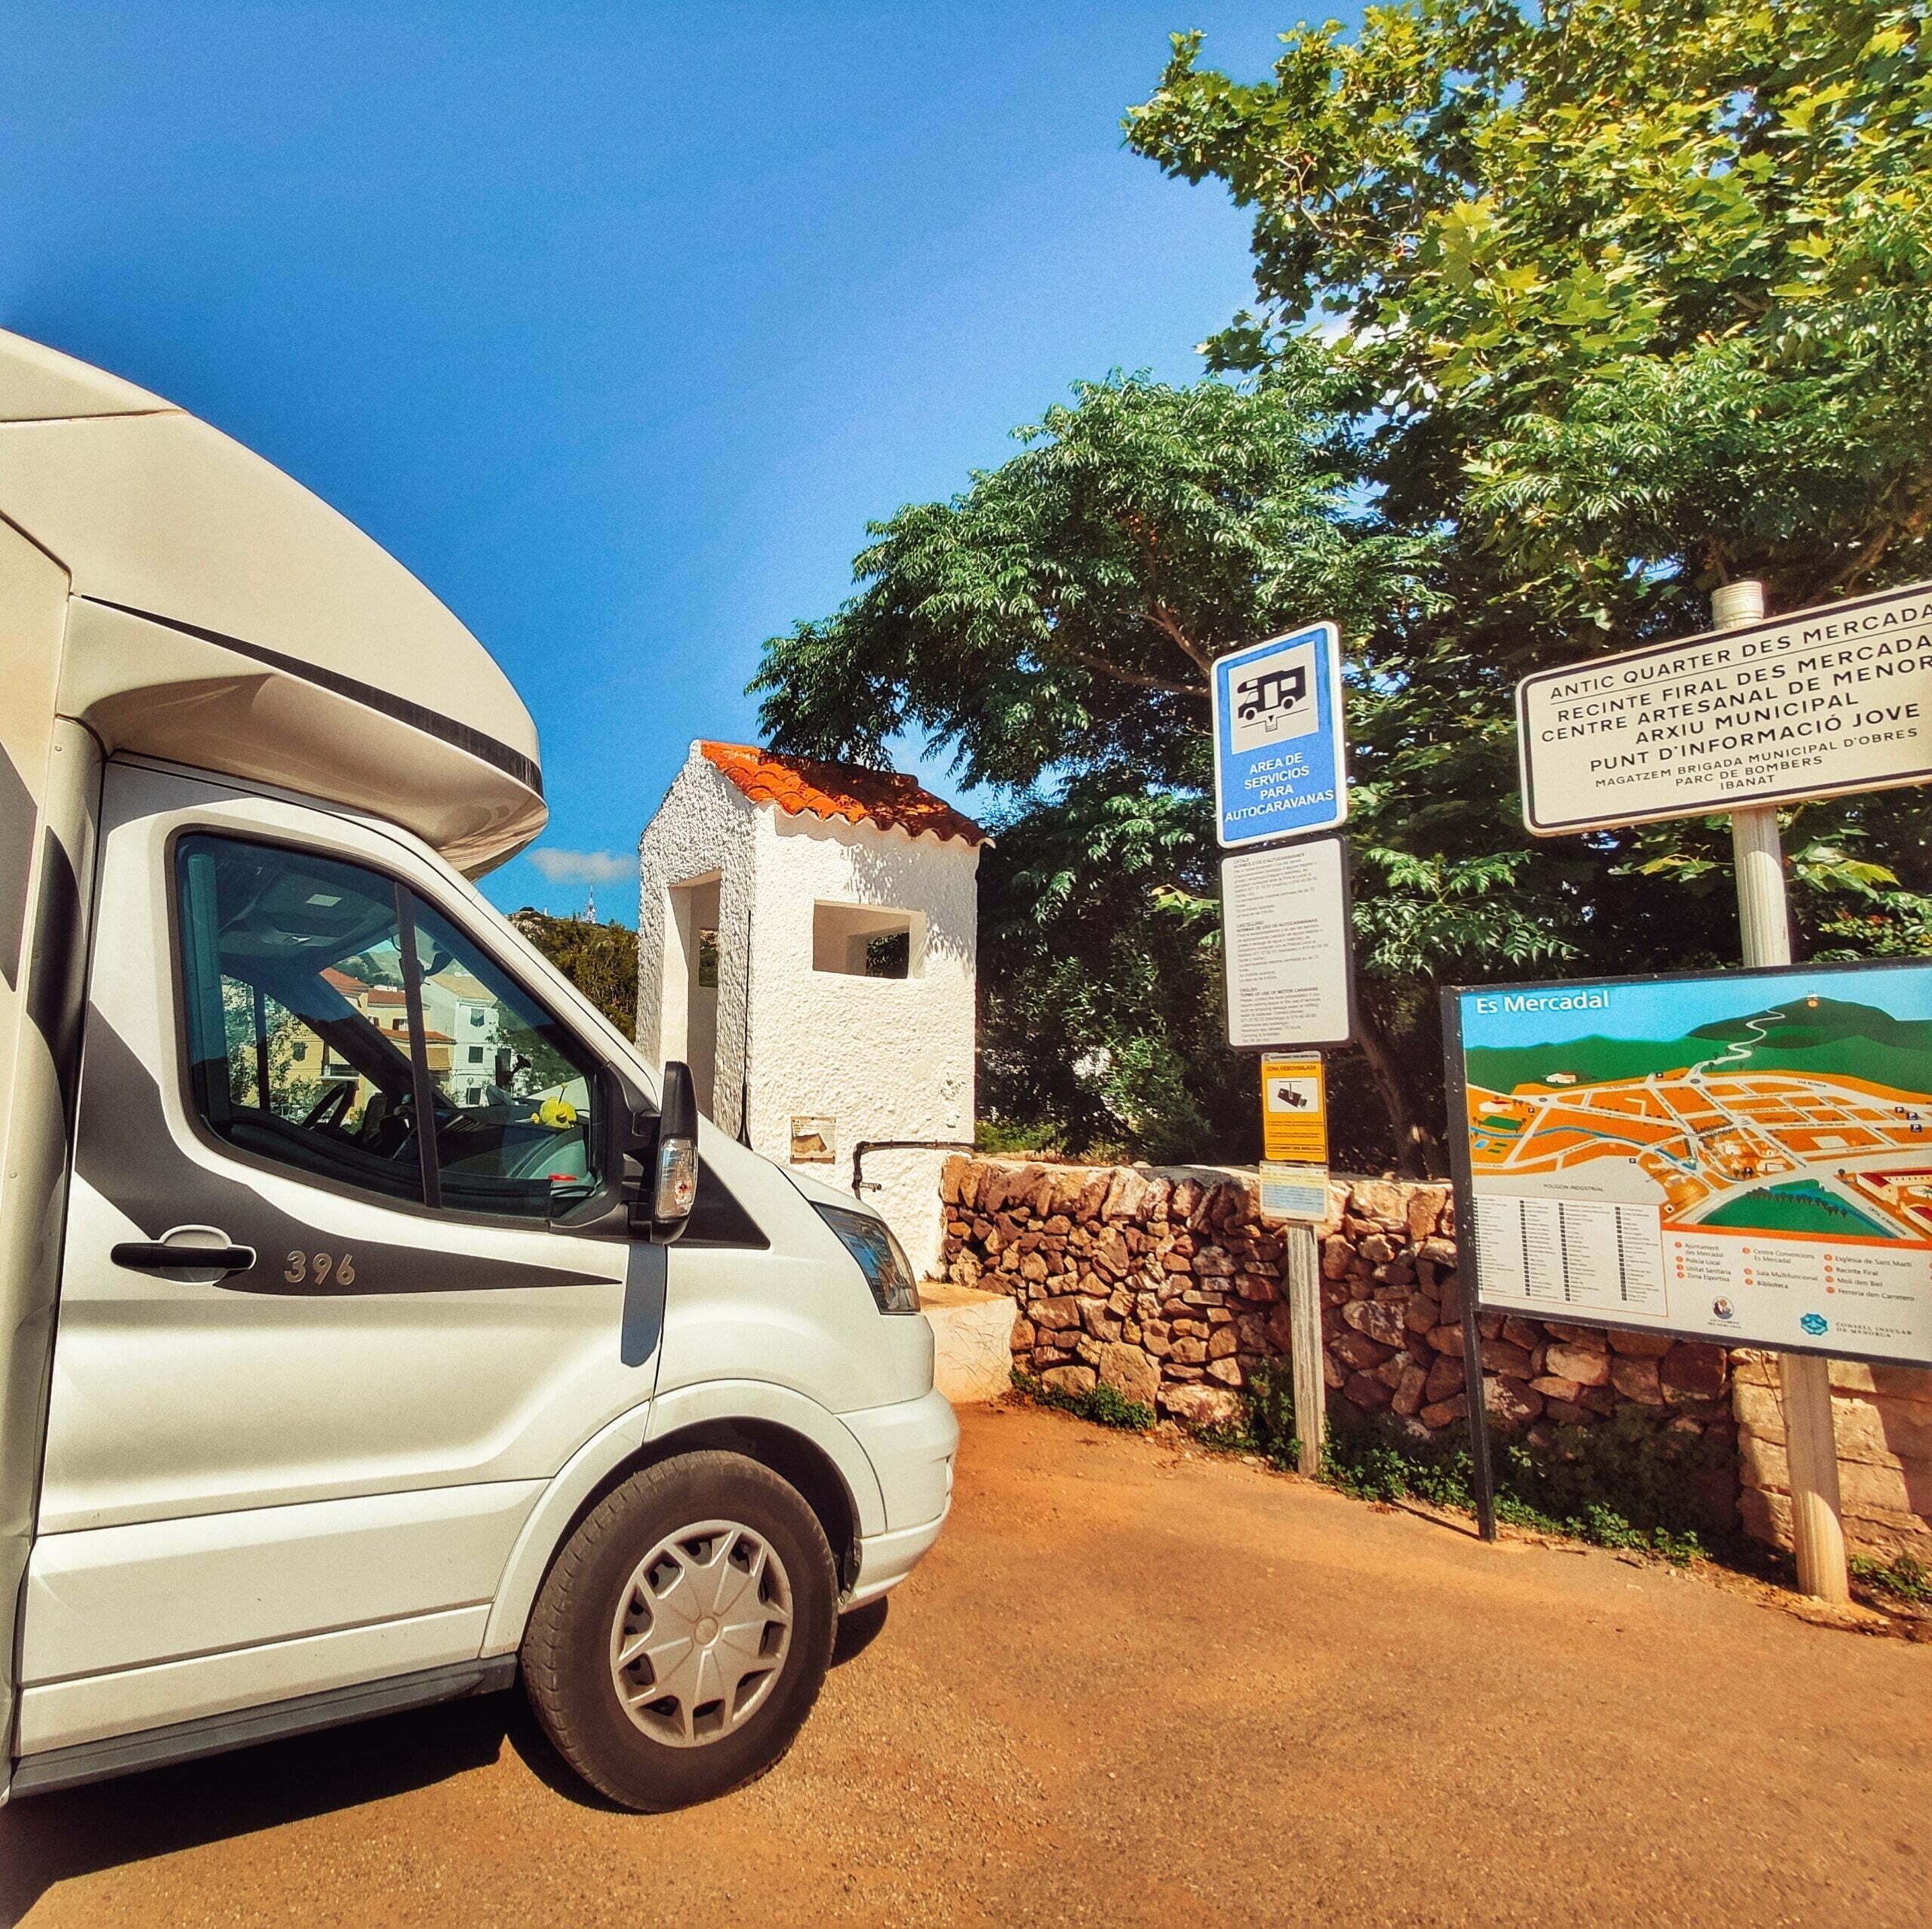 Es Mercadal en autocaravana, uno de los pueblos más bonitos de Menorca ¡y con la única área de autocaravanas de la isla!